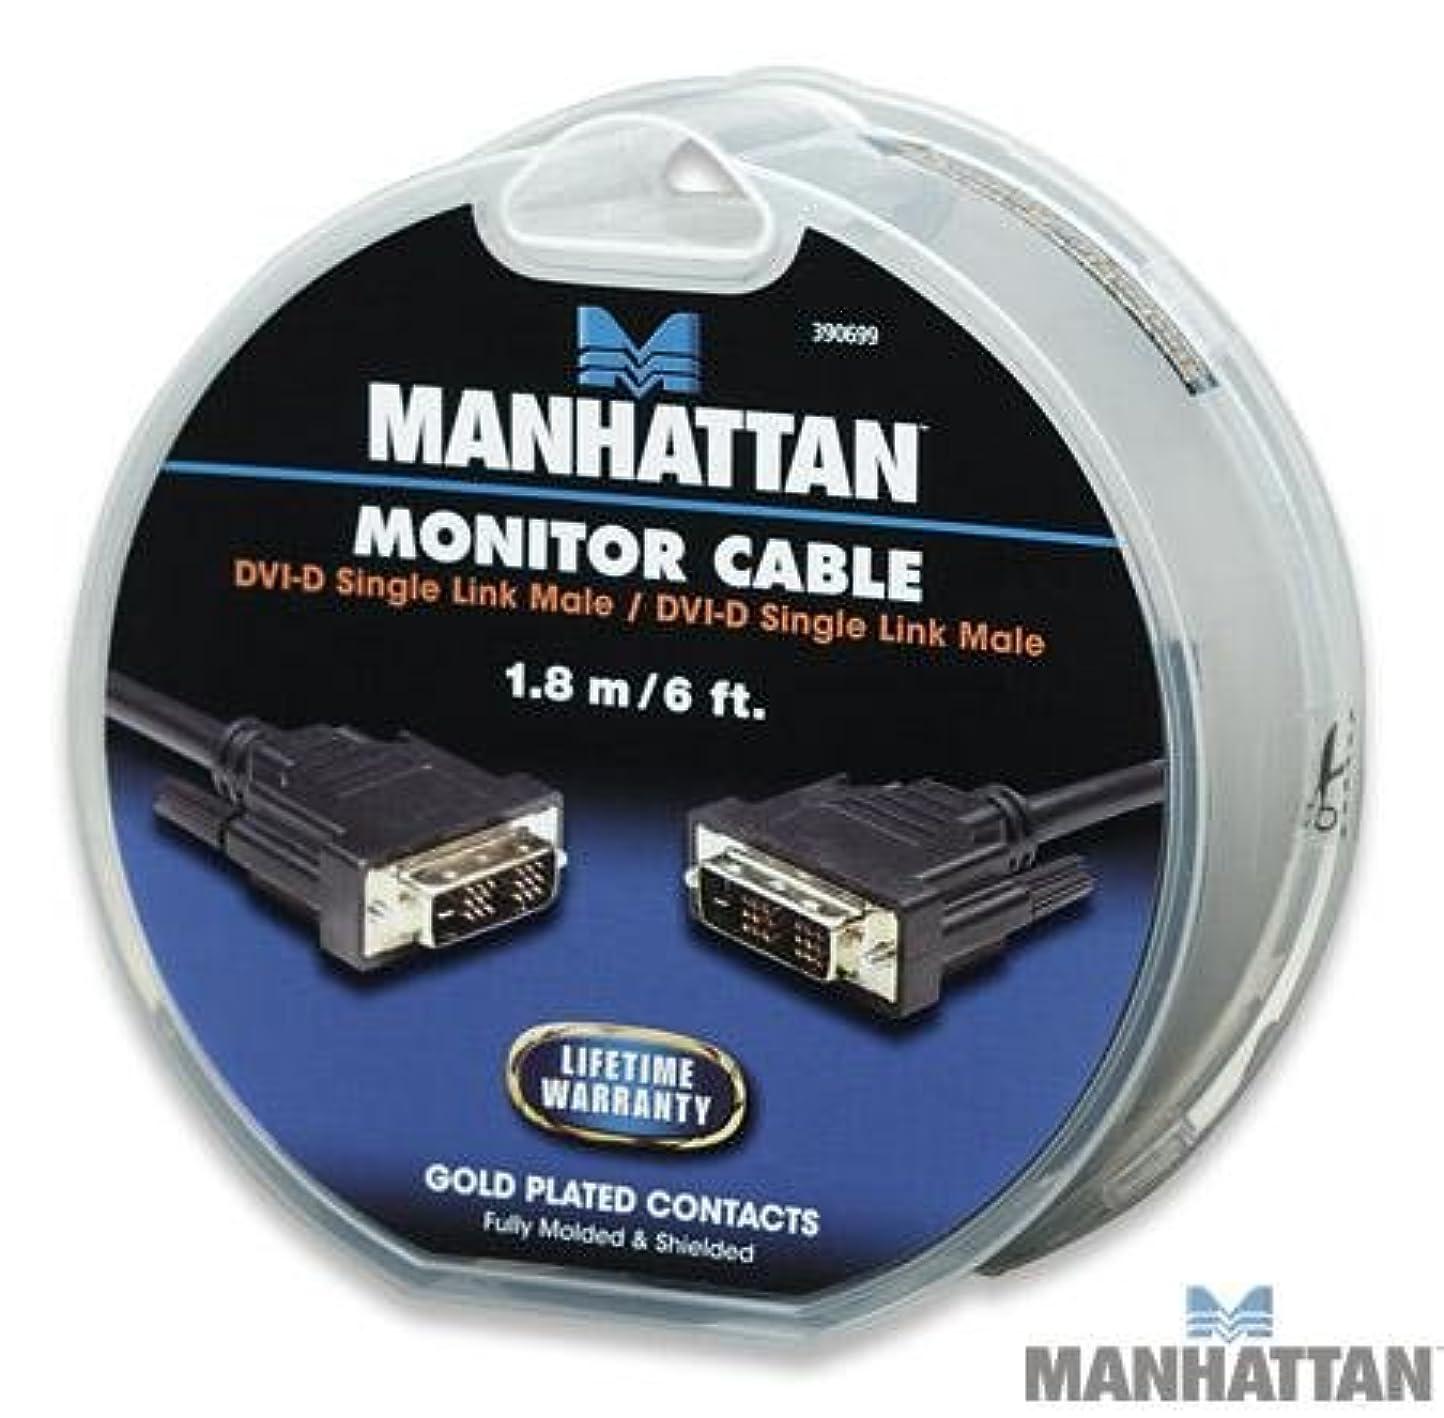 続ける新しい意味とまり木Manhattan 6フィートDVI - Dシングルリンクオスto DVI - Dシングルリンクオスビデオケーブル、ゴールドメッキ、完全にシールド